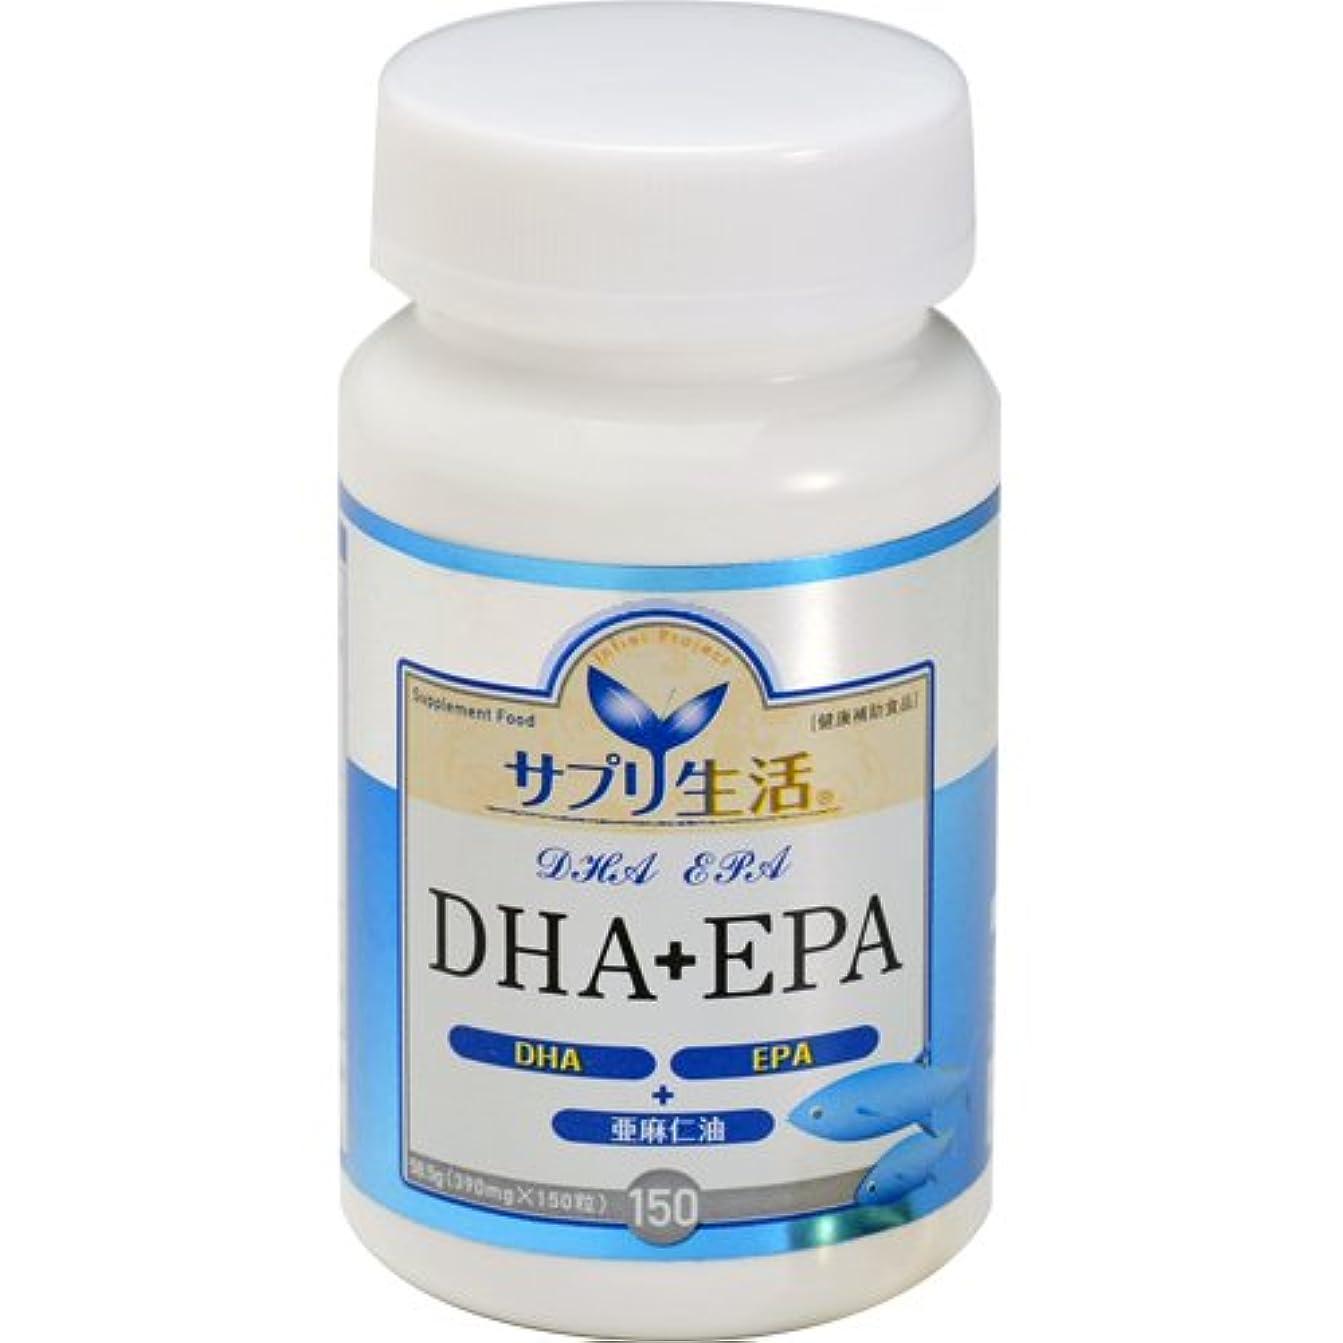 天井ラインナップ検索エンジンマーケティングサプリ生活 DHA+EPA 150粒